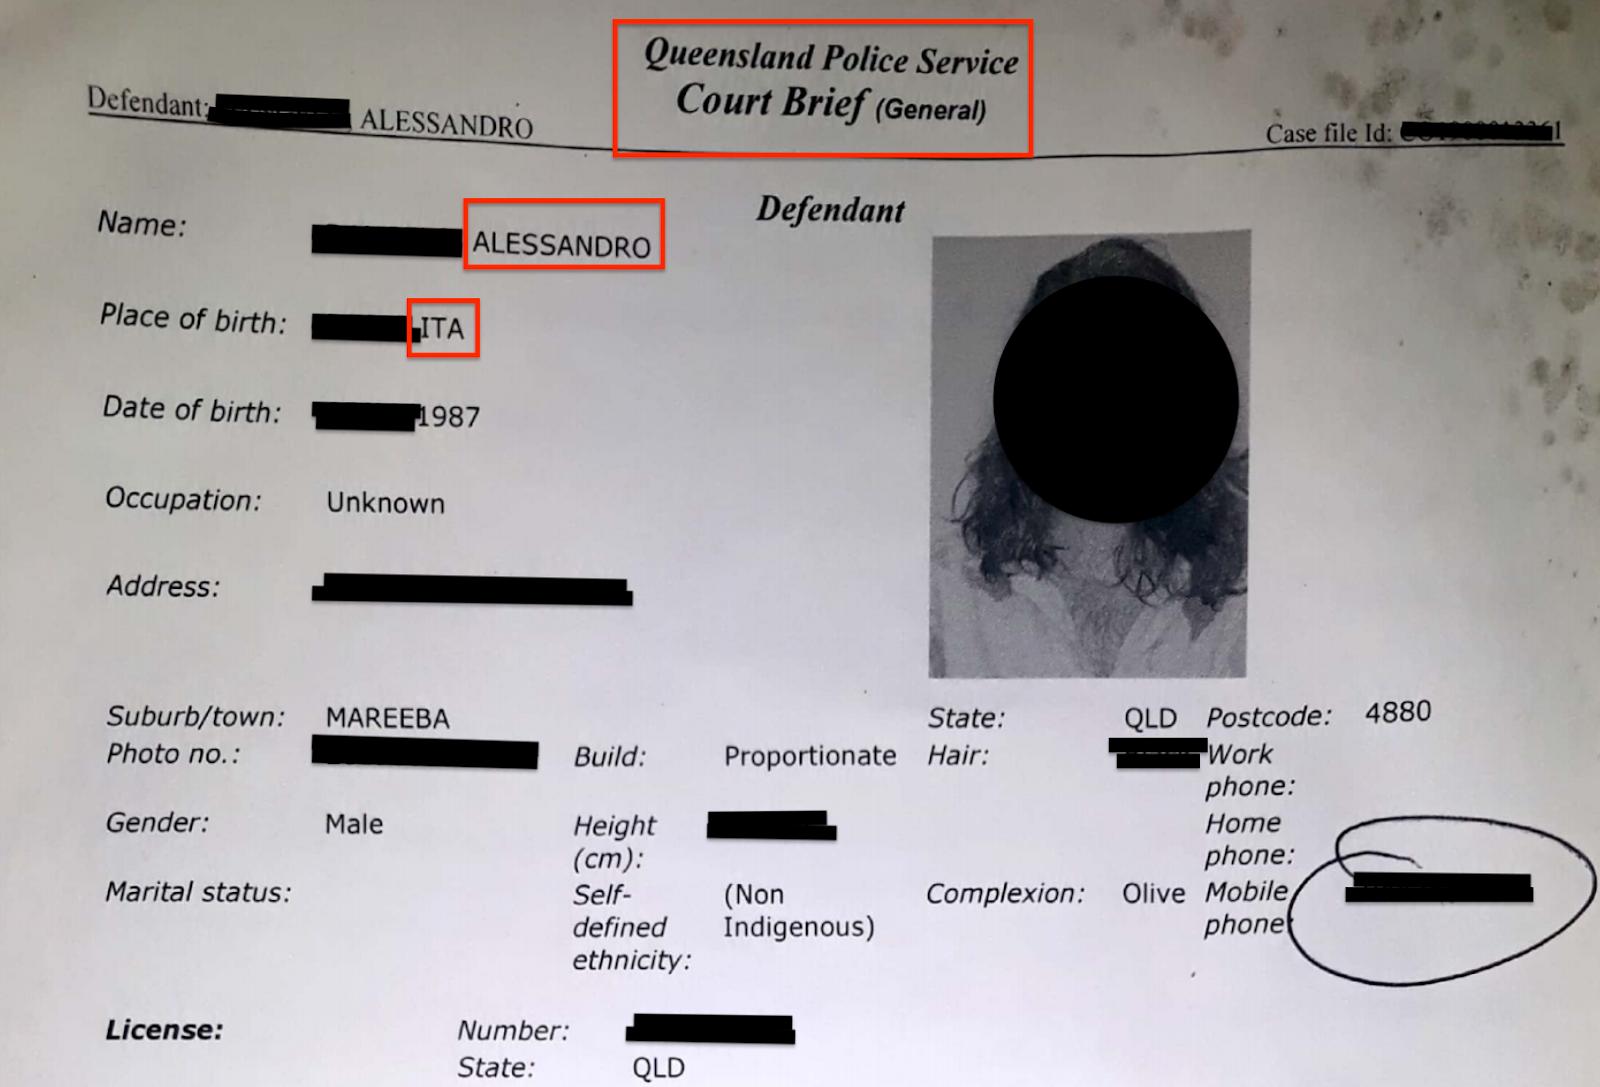 Documentazione di ottenuto rimpatrio di un assistito dall'Australia